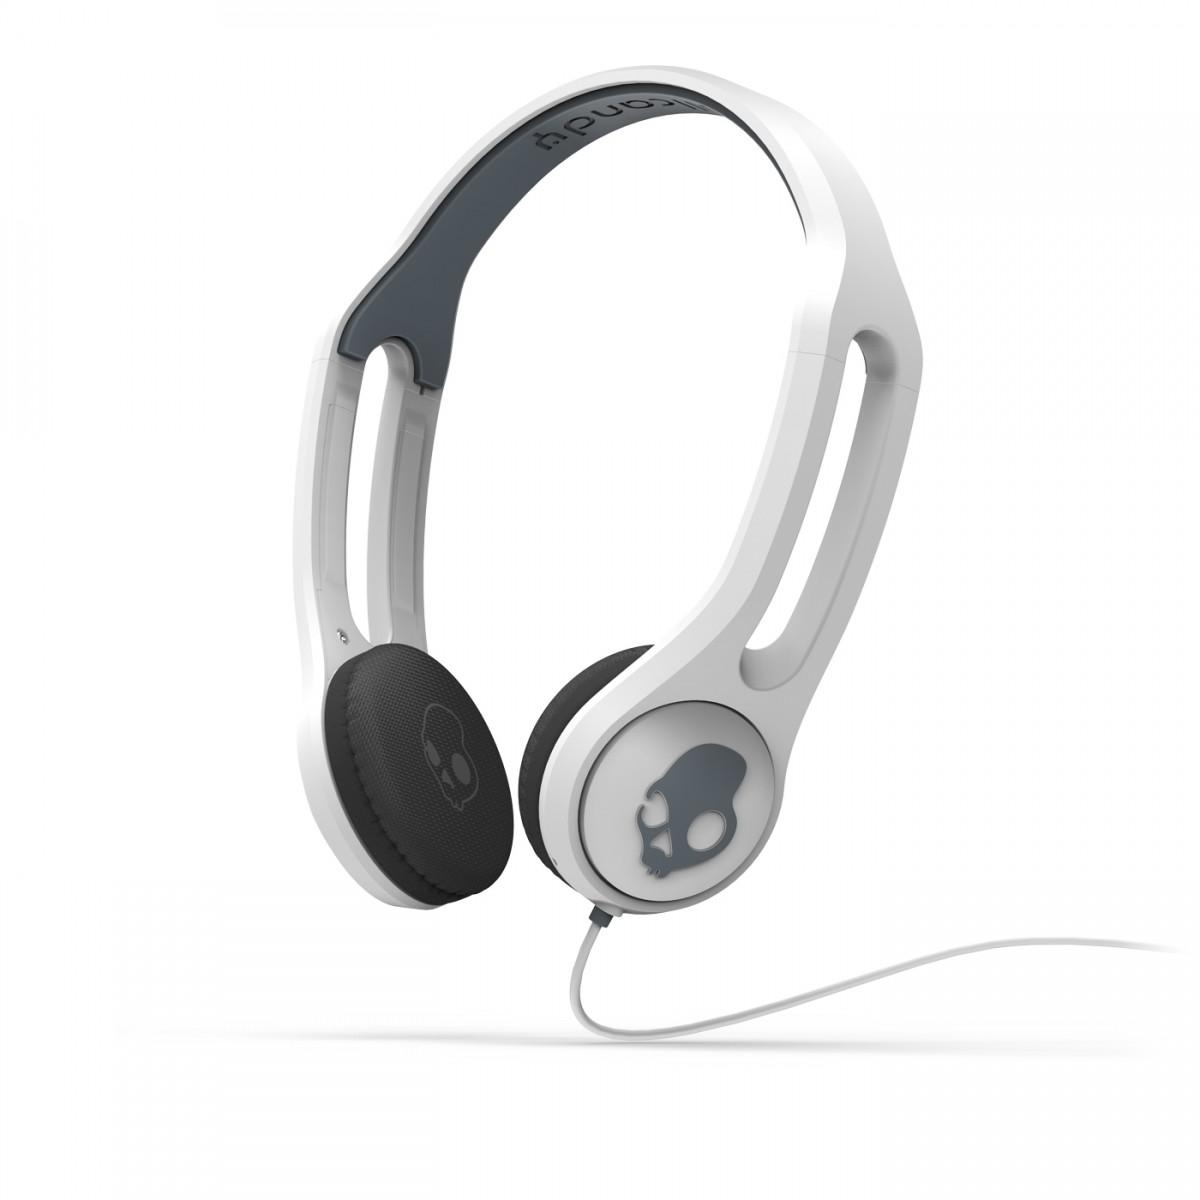 Fone de Ouvido c/ Microfone ICON3 Branco com Toque na Concha para Smartphones S5IHDY-072 - Skullcand -